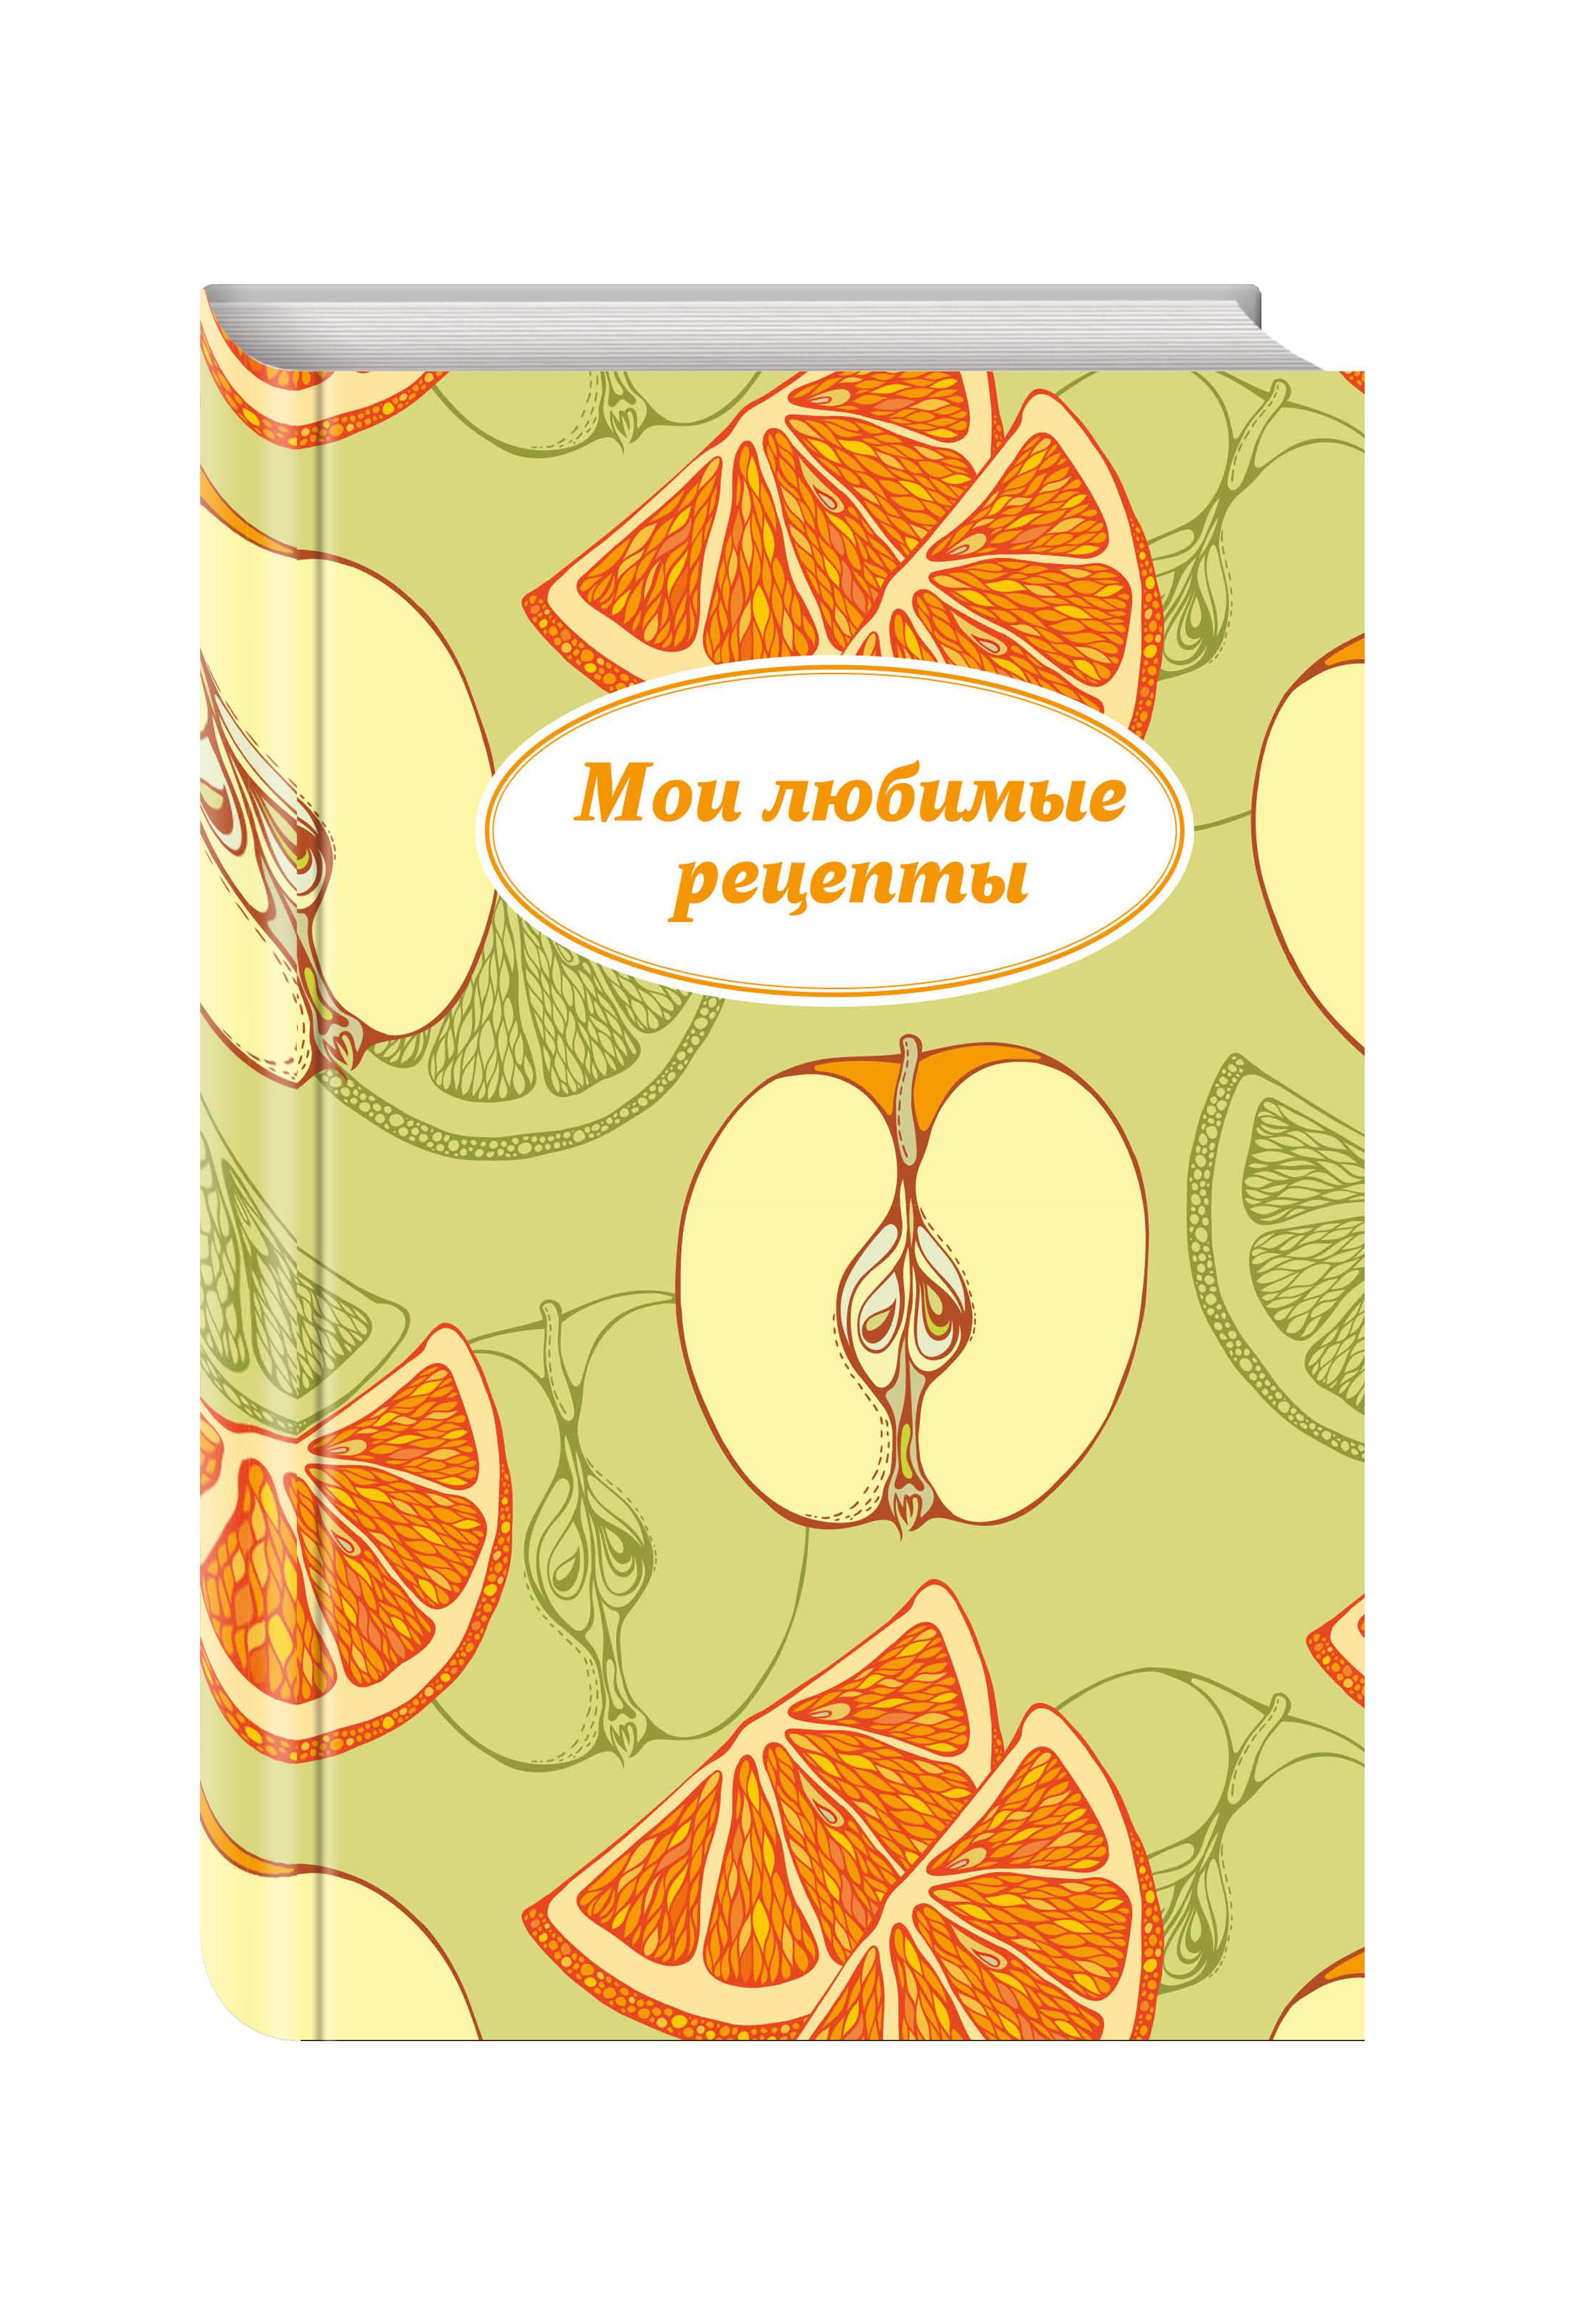 Мои любимые рецепты. Книга для записи рецептов (твердый пер., яблочный пазл) пуловер oodji oodji oo001ewiht90